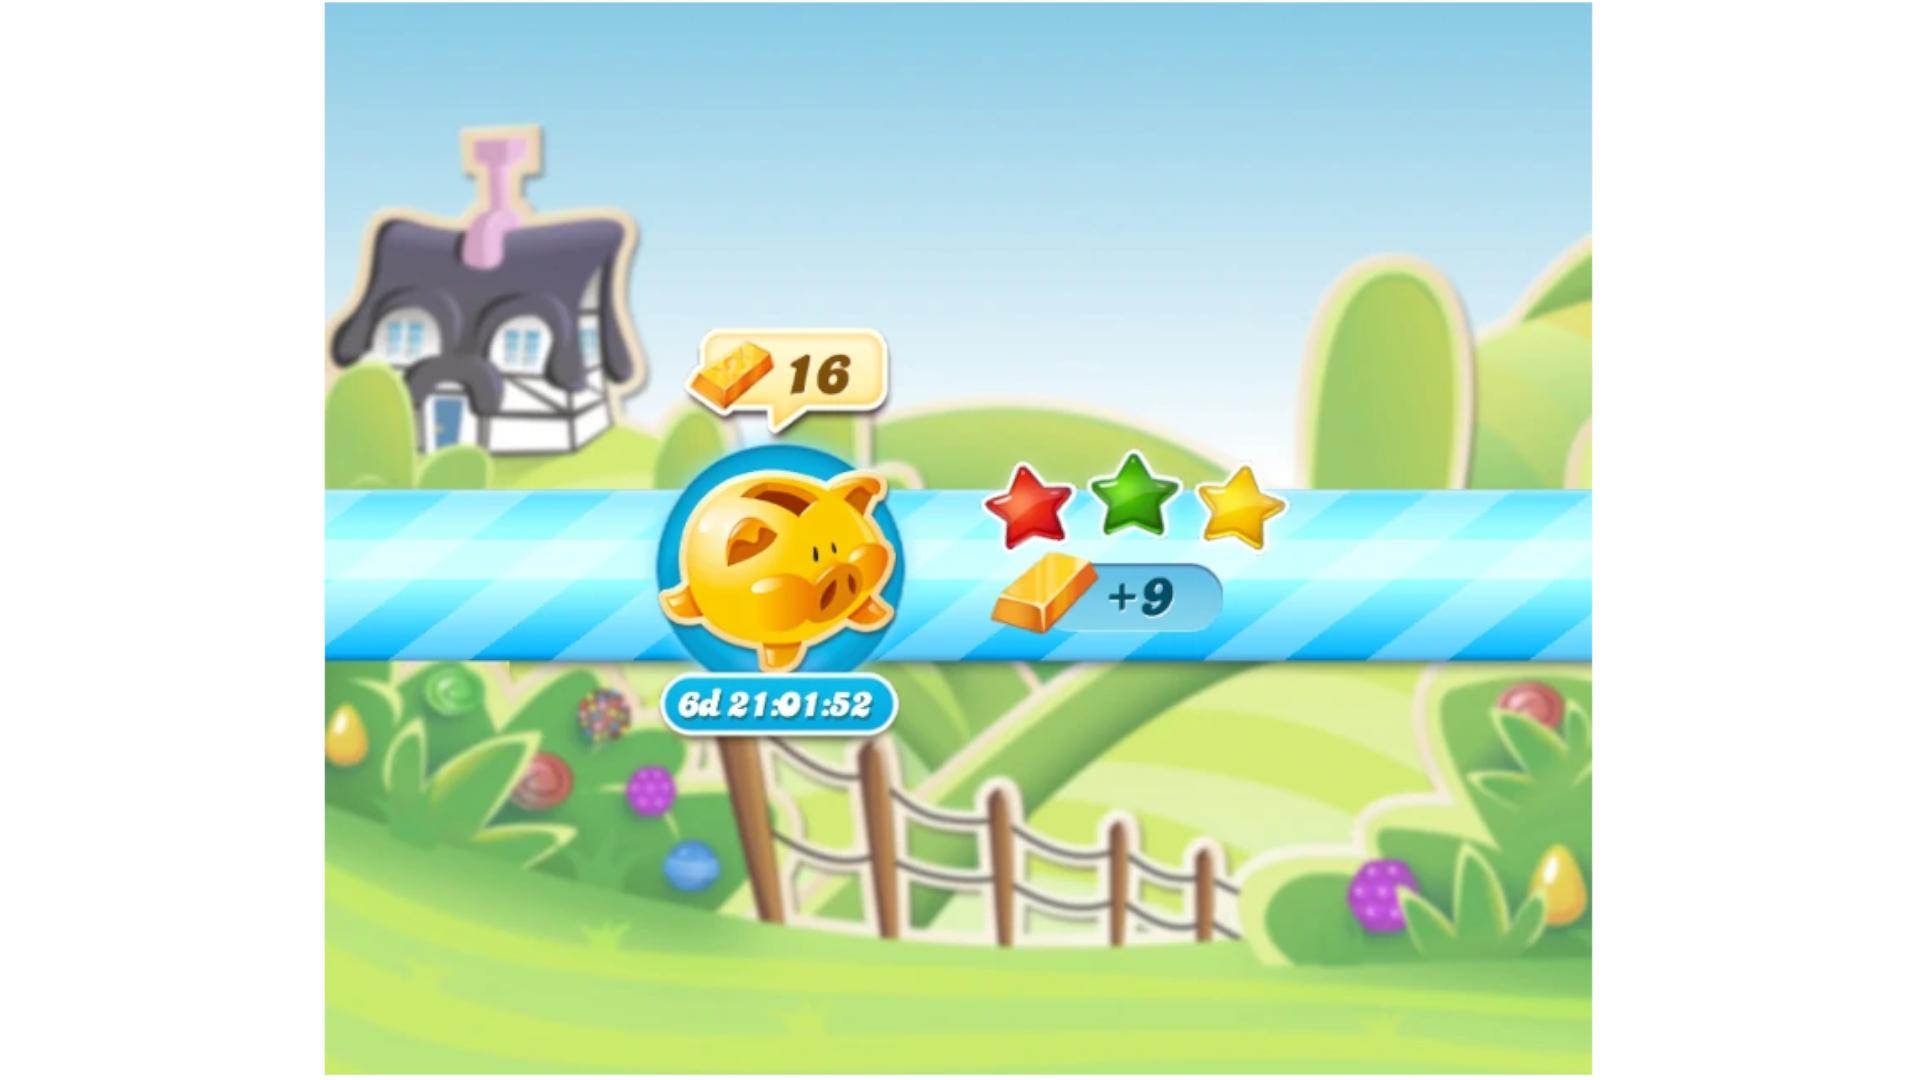 Print do jogo Candy Crush com porquinho amarelo e três estrelinhas